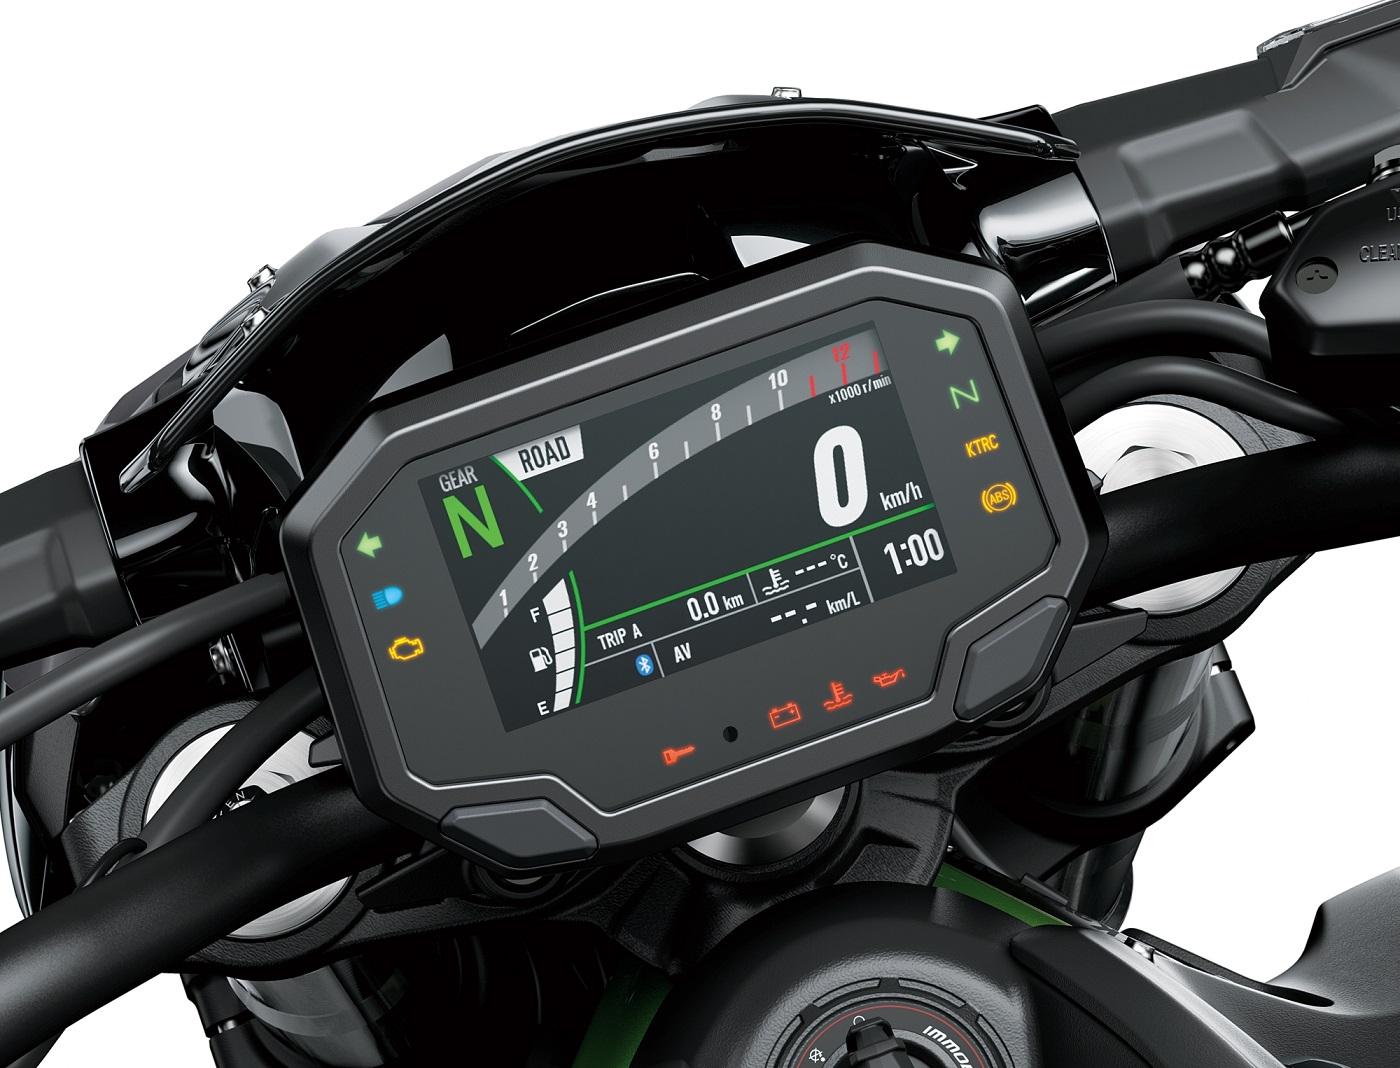 2021 Z900 Detalhes 7 (1)